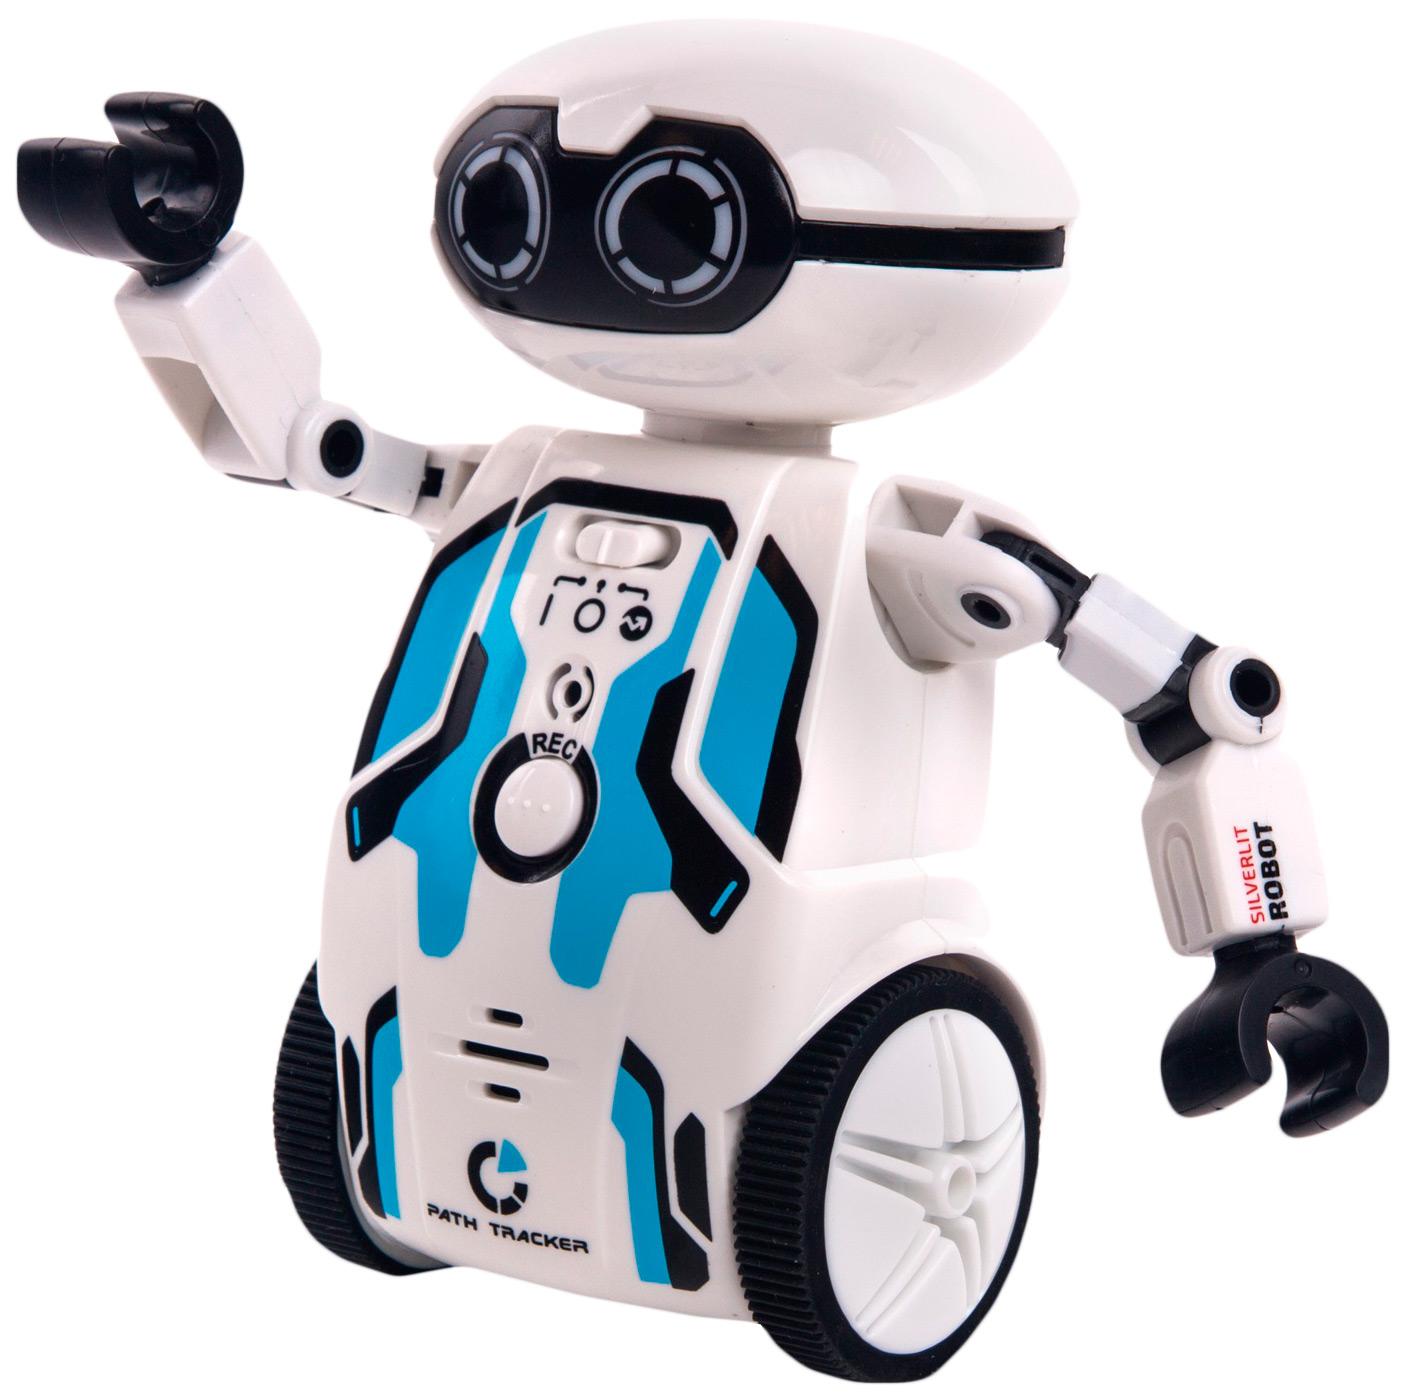 Купить Интерактивный робот Silverlit YCOO Мэйз Брейкер 88044-2, Интерактивные роботы